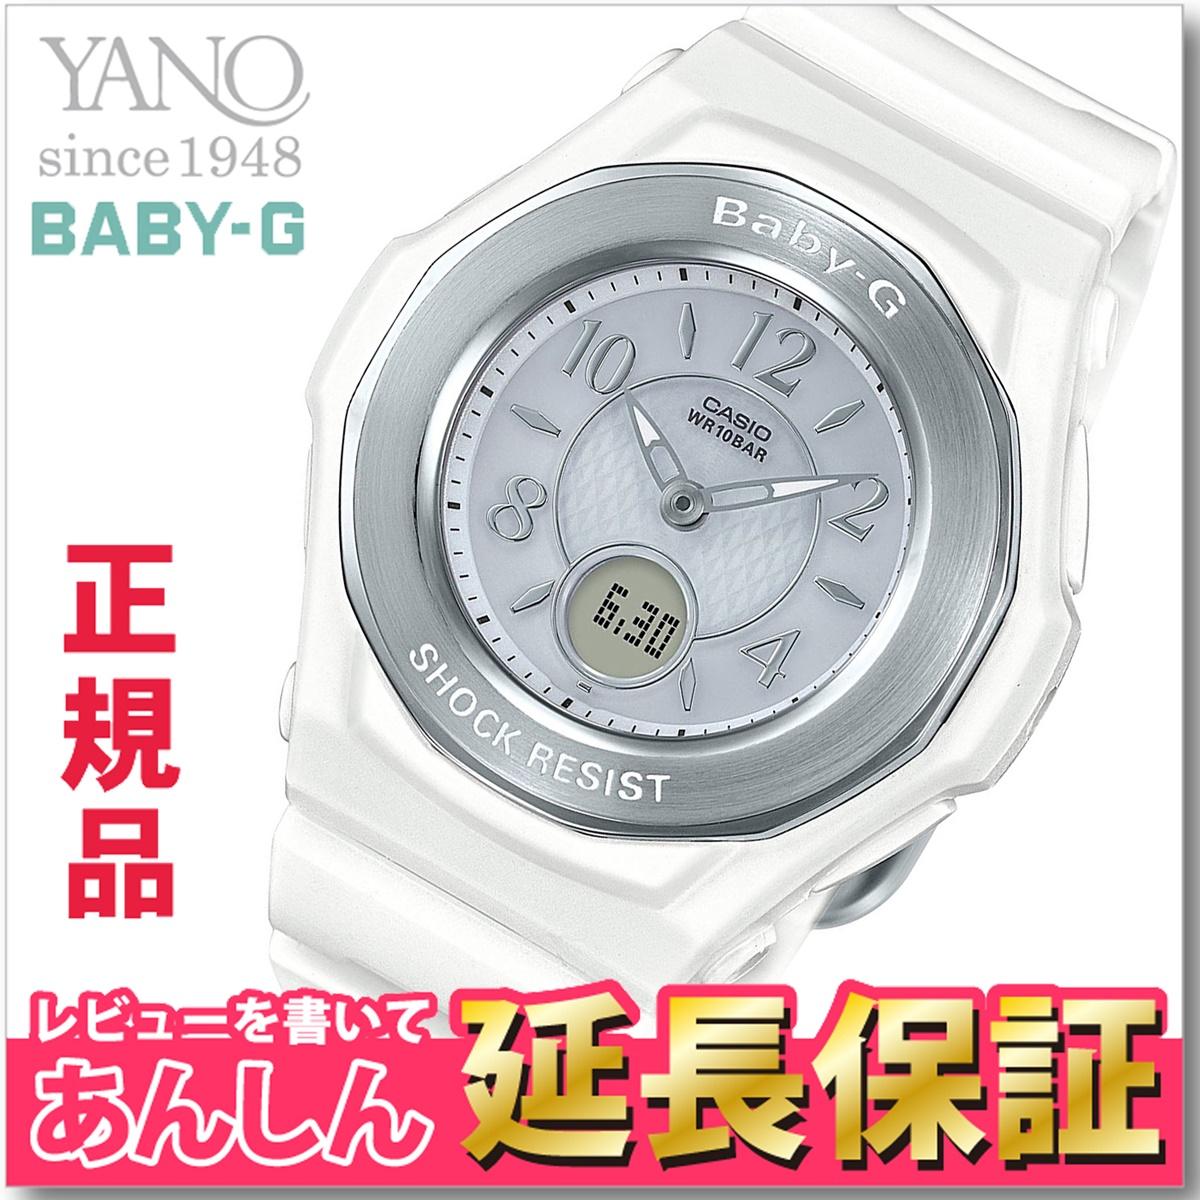 カシオ ベビーG BGA-1050-7BJF レディース 電波ソーラー 腕時計 デジアナ ホワイト タフソーラー CASIO BABY-G 【正規品】【0217】【店頭受取対応商品】